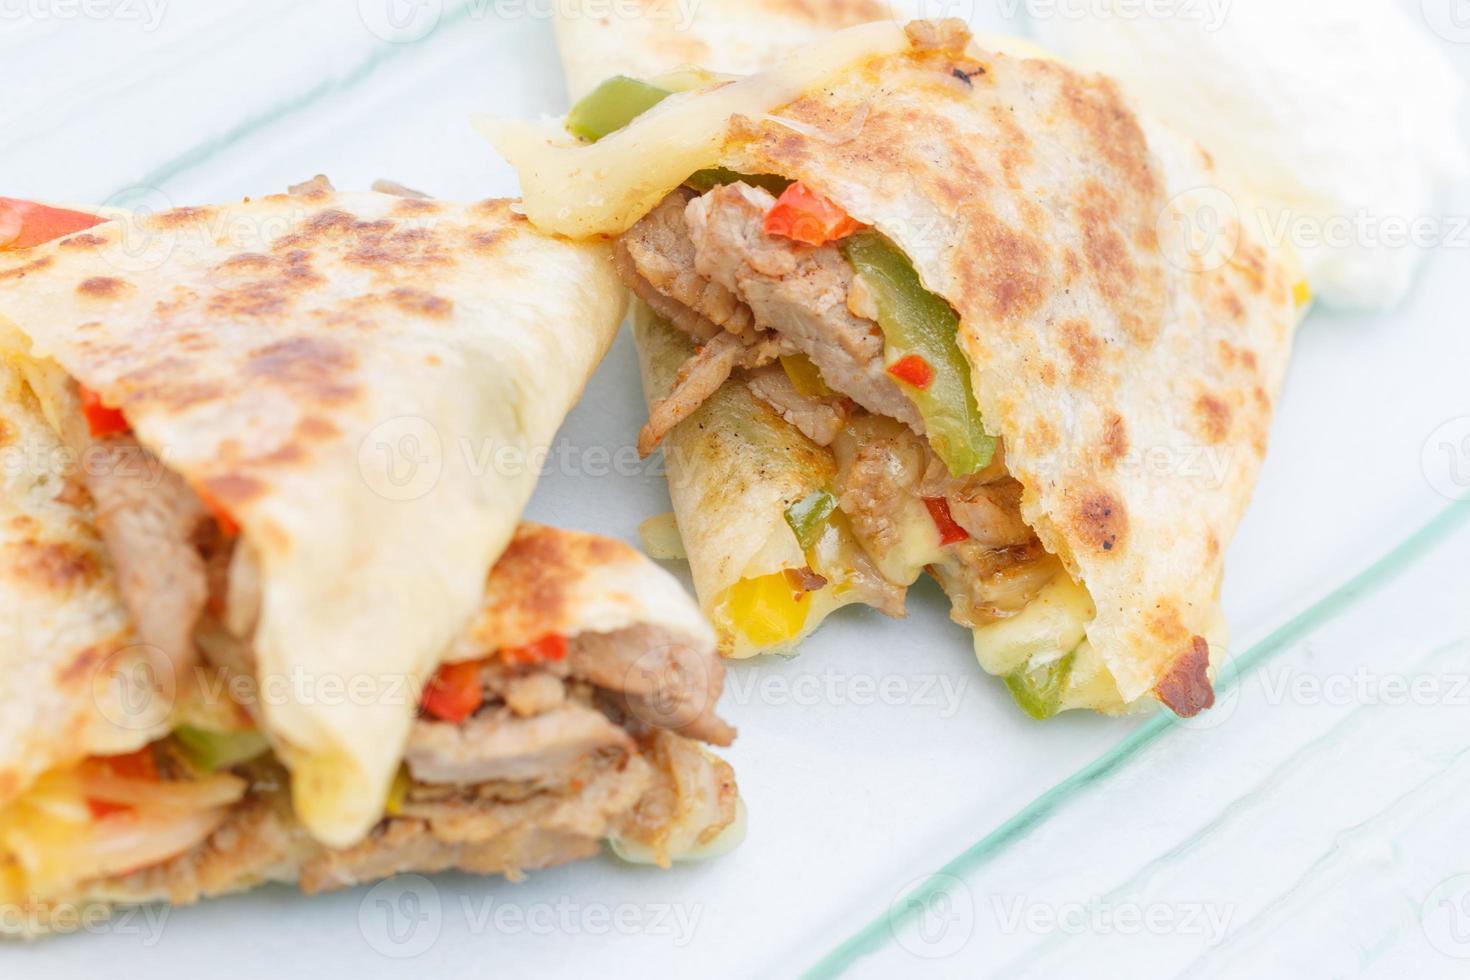 quesadilla mexicana deliciosa comida internacional foto